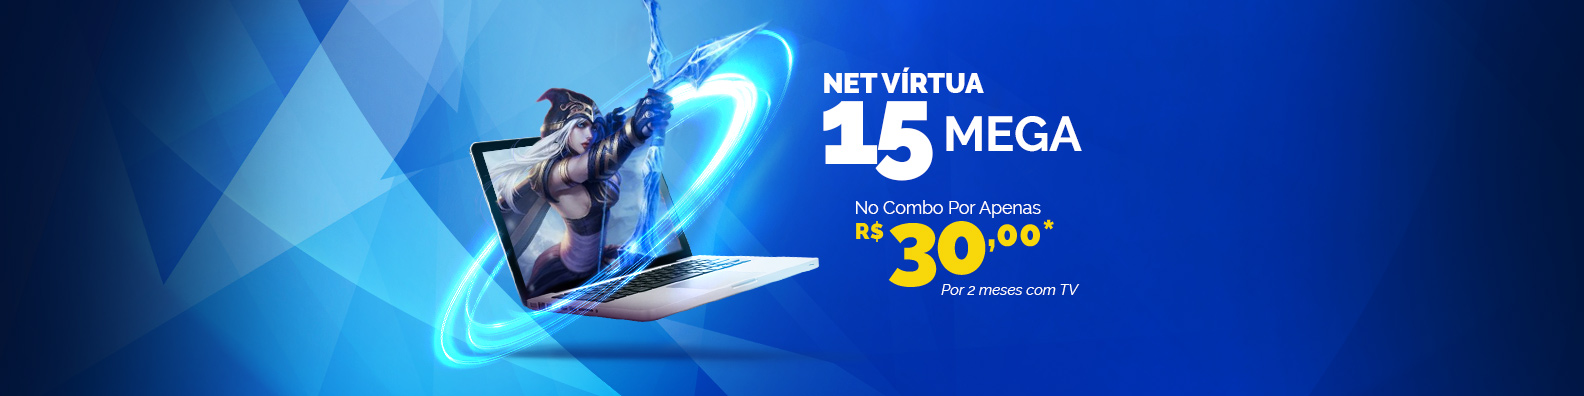 combomultinet net virtua 15 mega mais de 150 canais e net fone por apenas 179 nos 3 primeiros meses